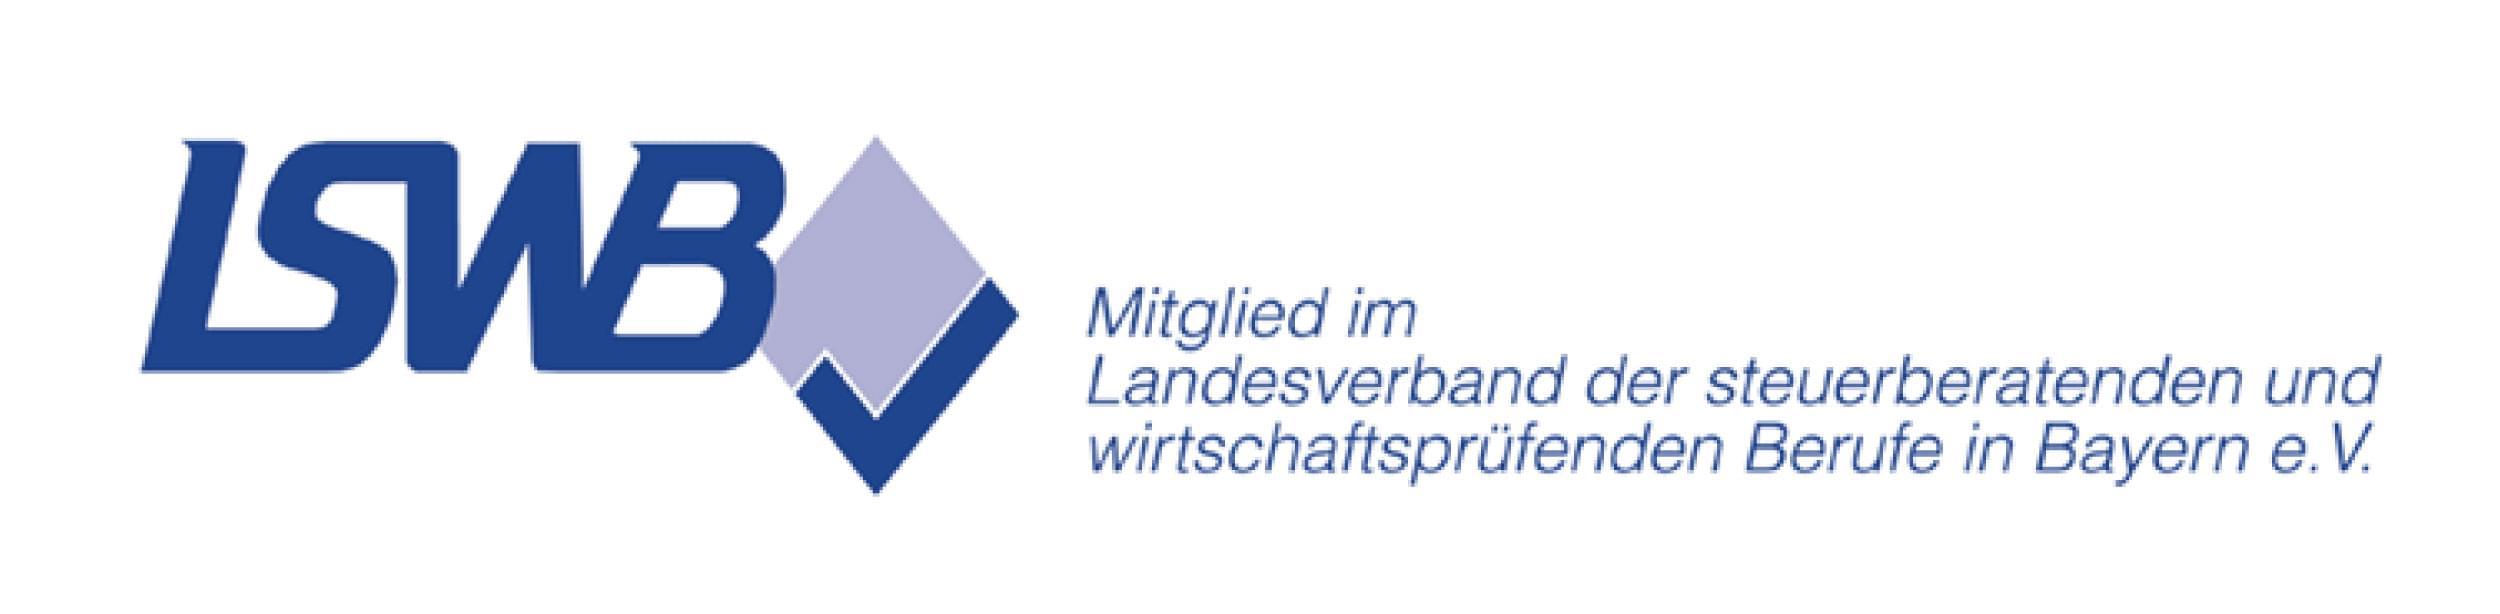 Landesverband der steuerberatenden und wirtschaftsprüfenden Berufe in Bayern e.V.